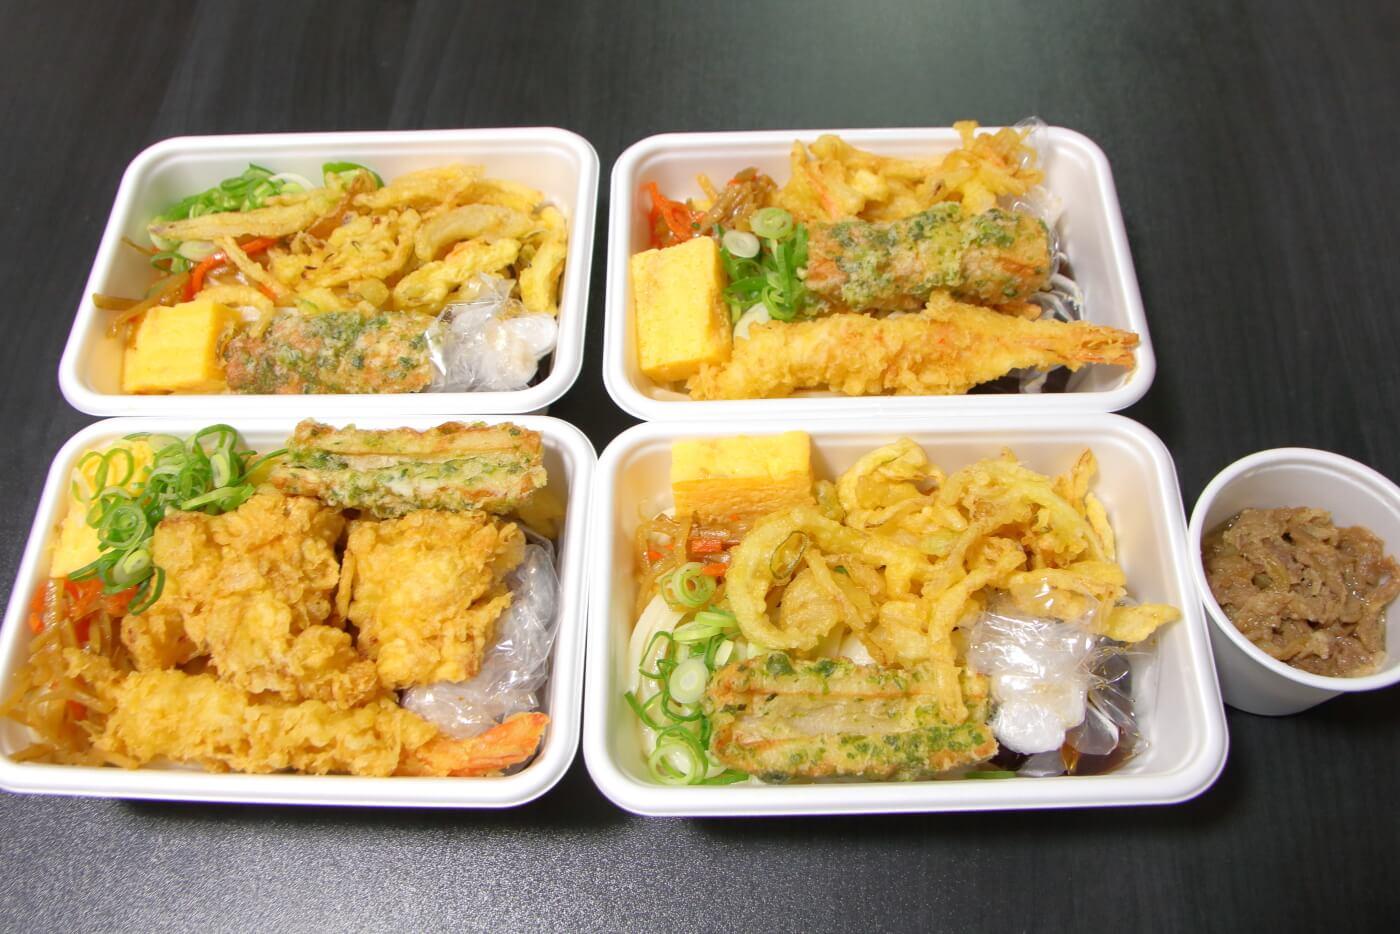 丸亀製麺 うどん弁当 4種類